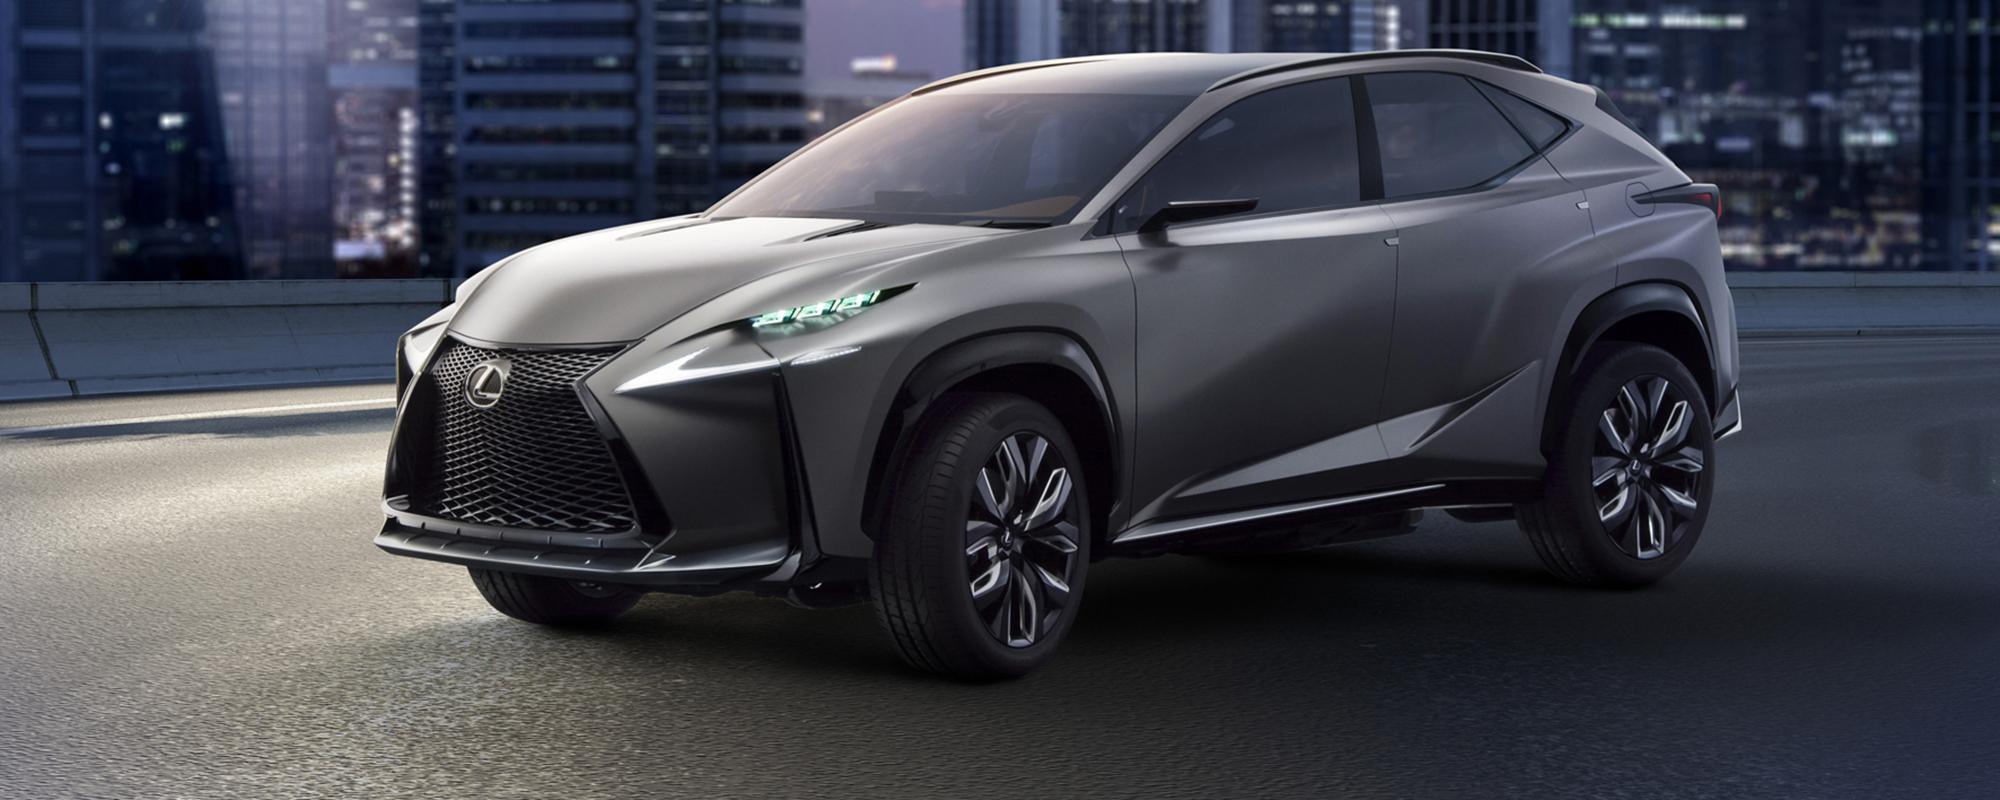 Lexus presenteert eerste turbo benzinemotor in LF-NX